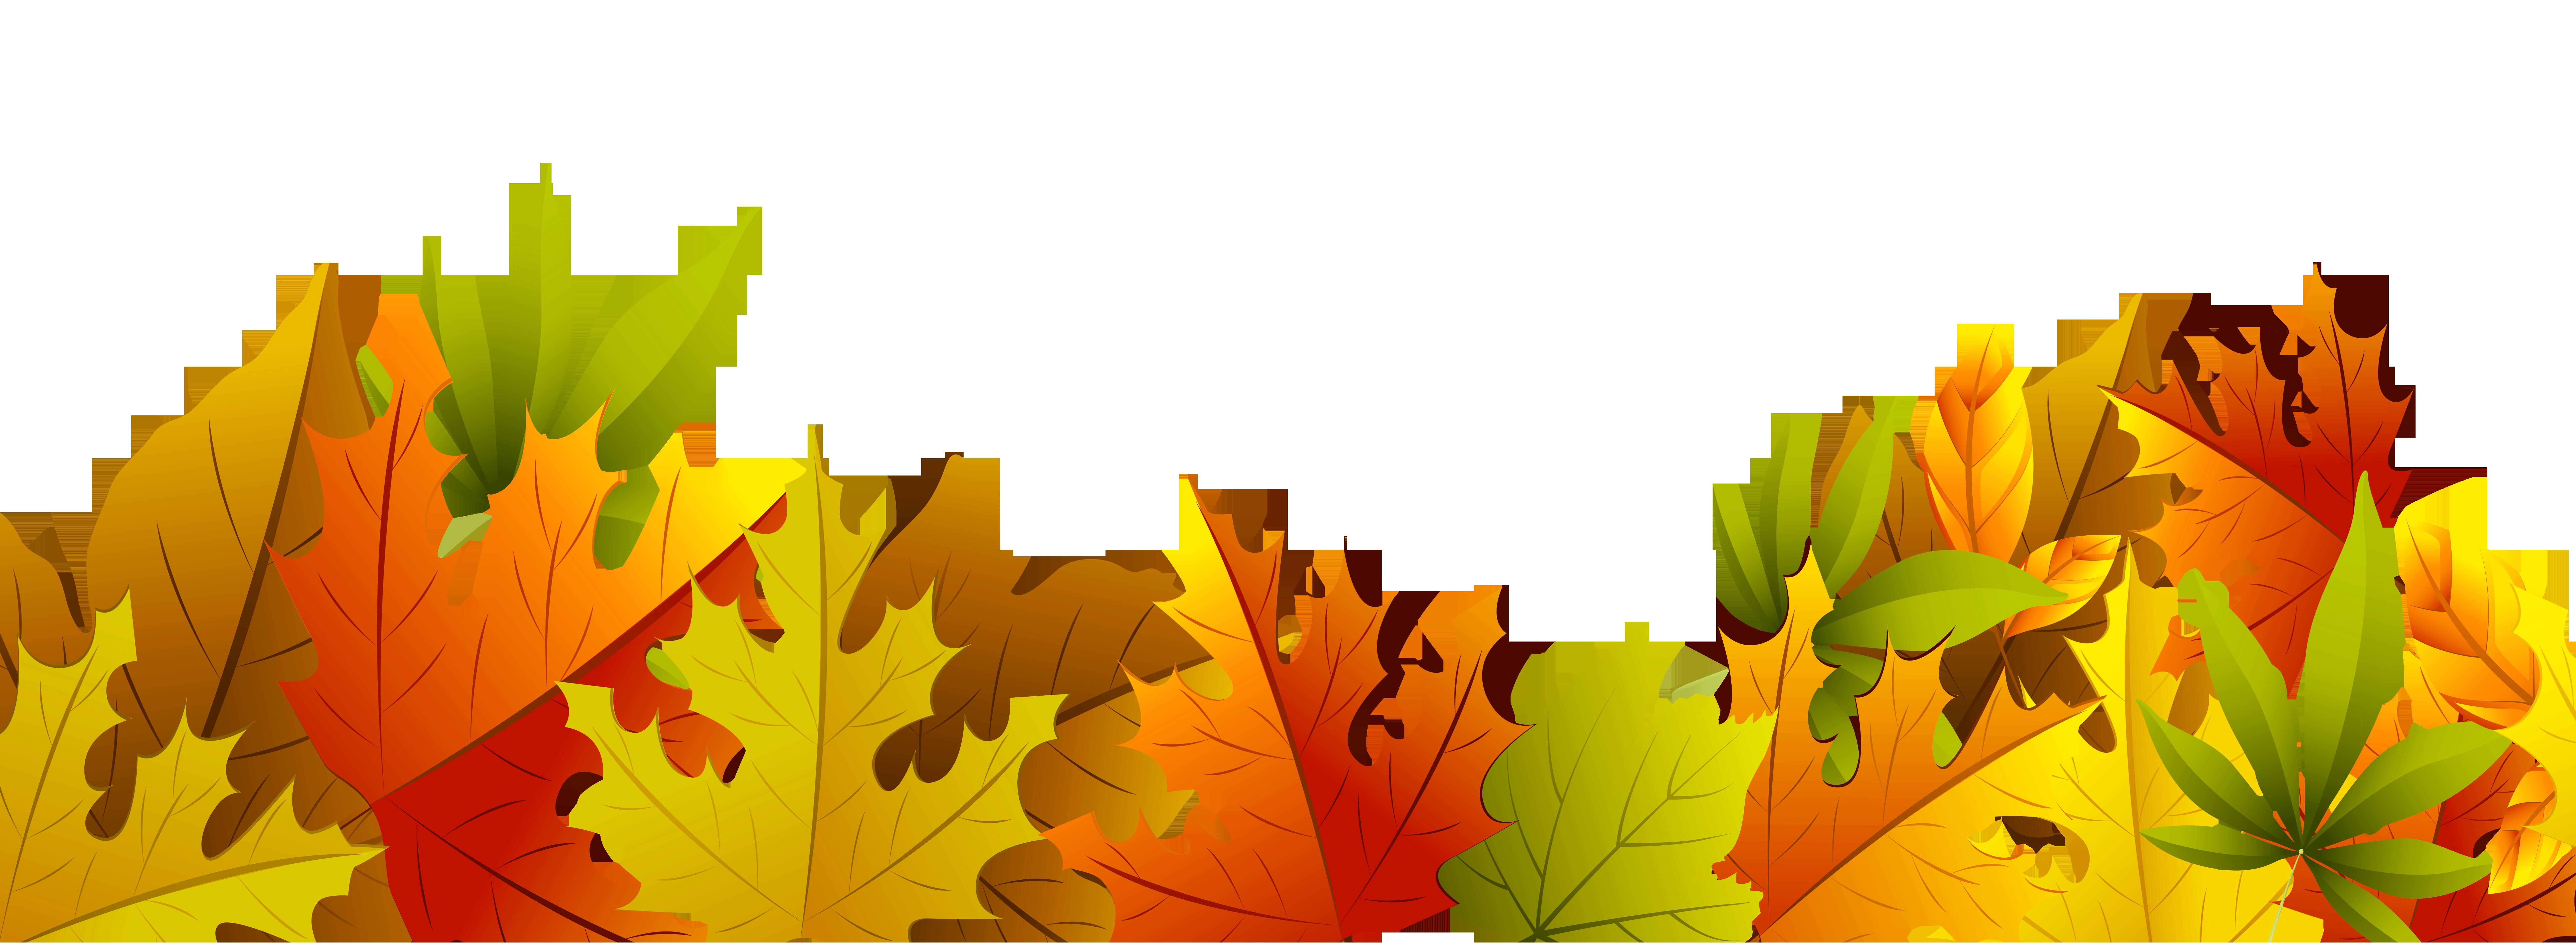 September Leaves Clip Art Fre